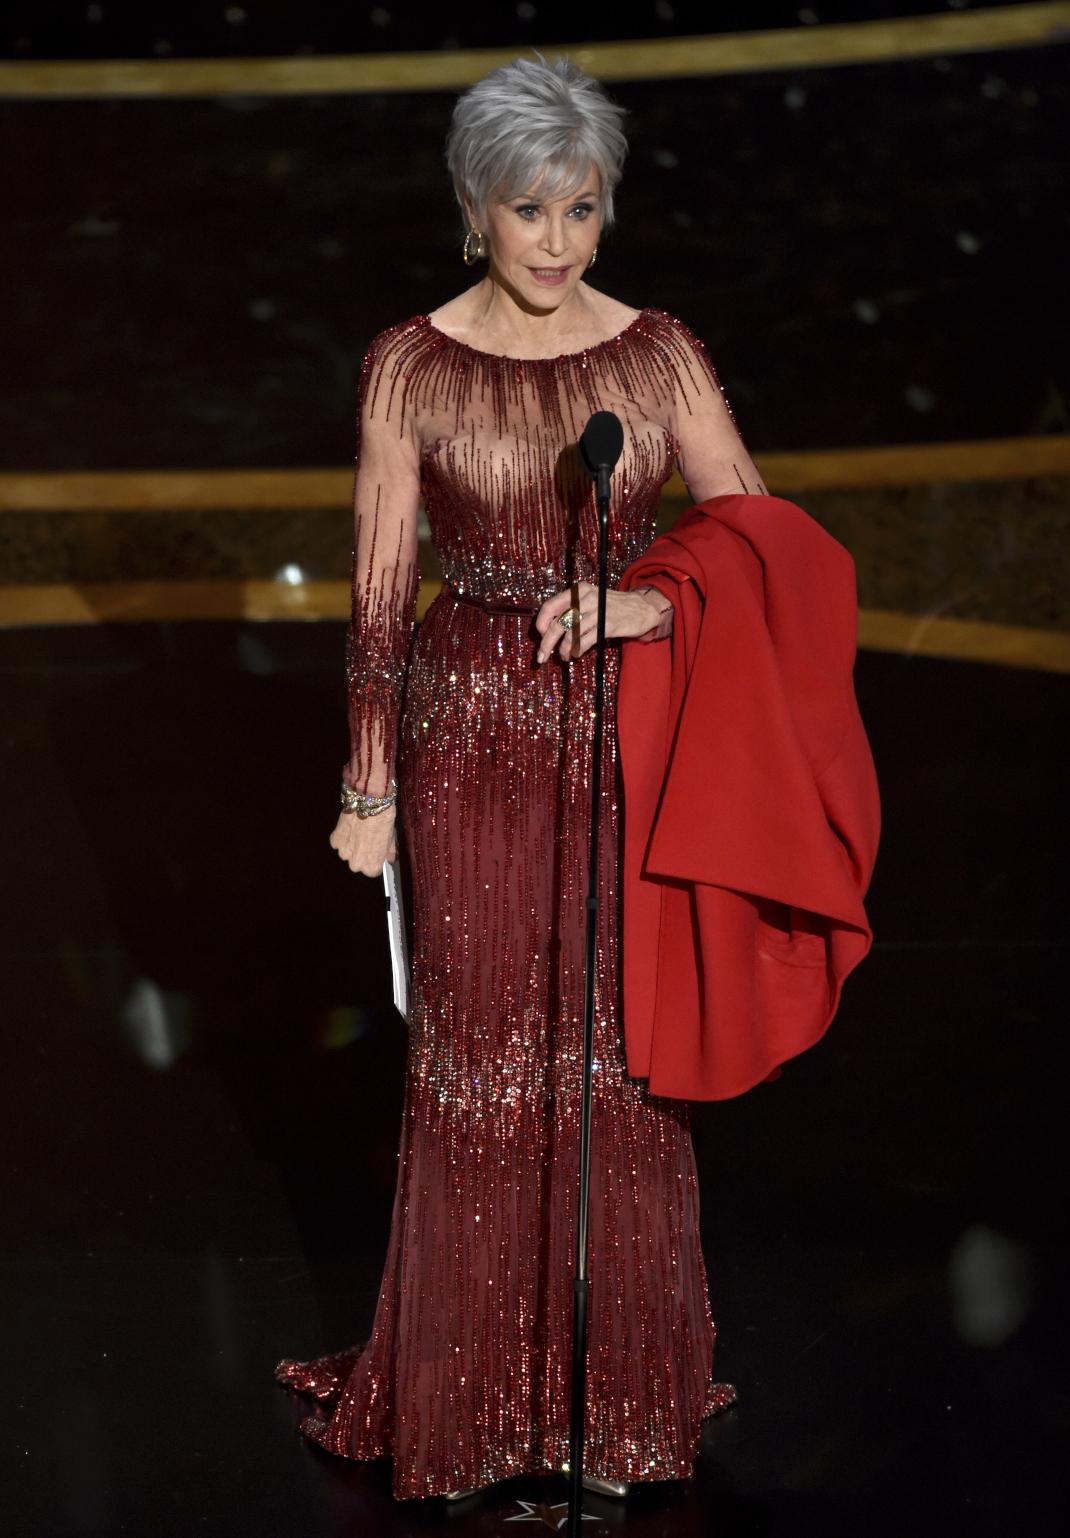 Η Τζέιν Φόντα στα βραβεία Οσκαρ με pixie cut κούρεμα